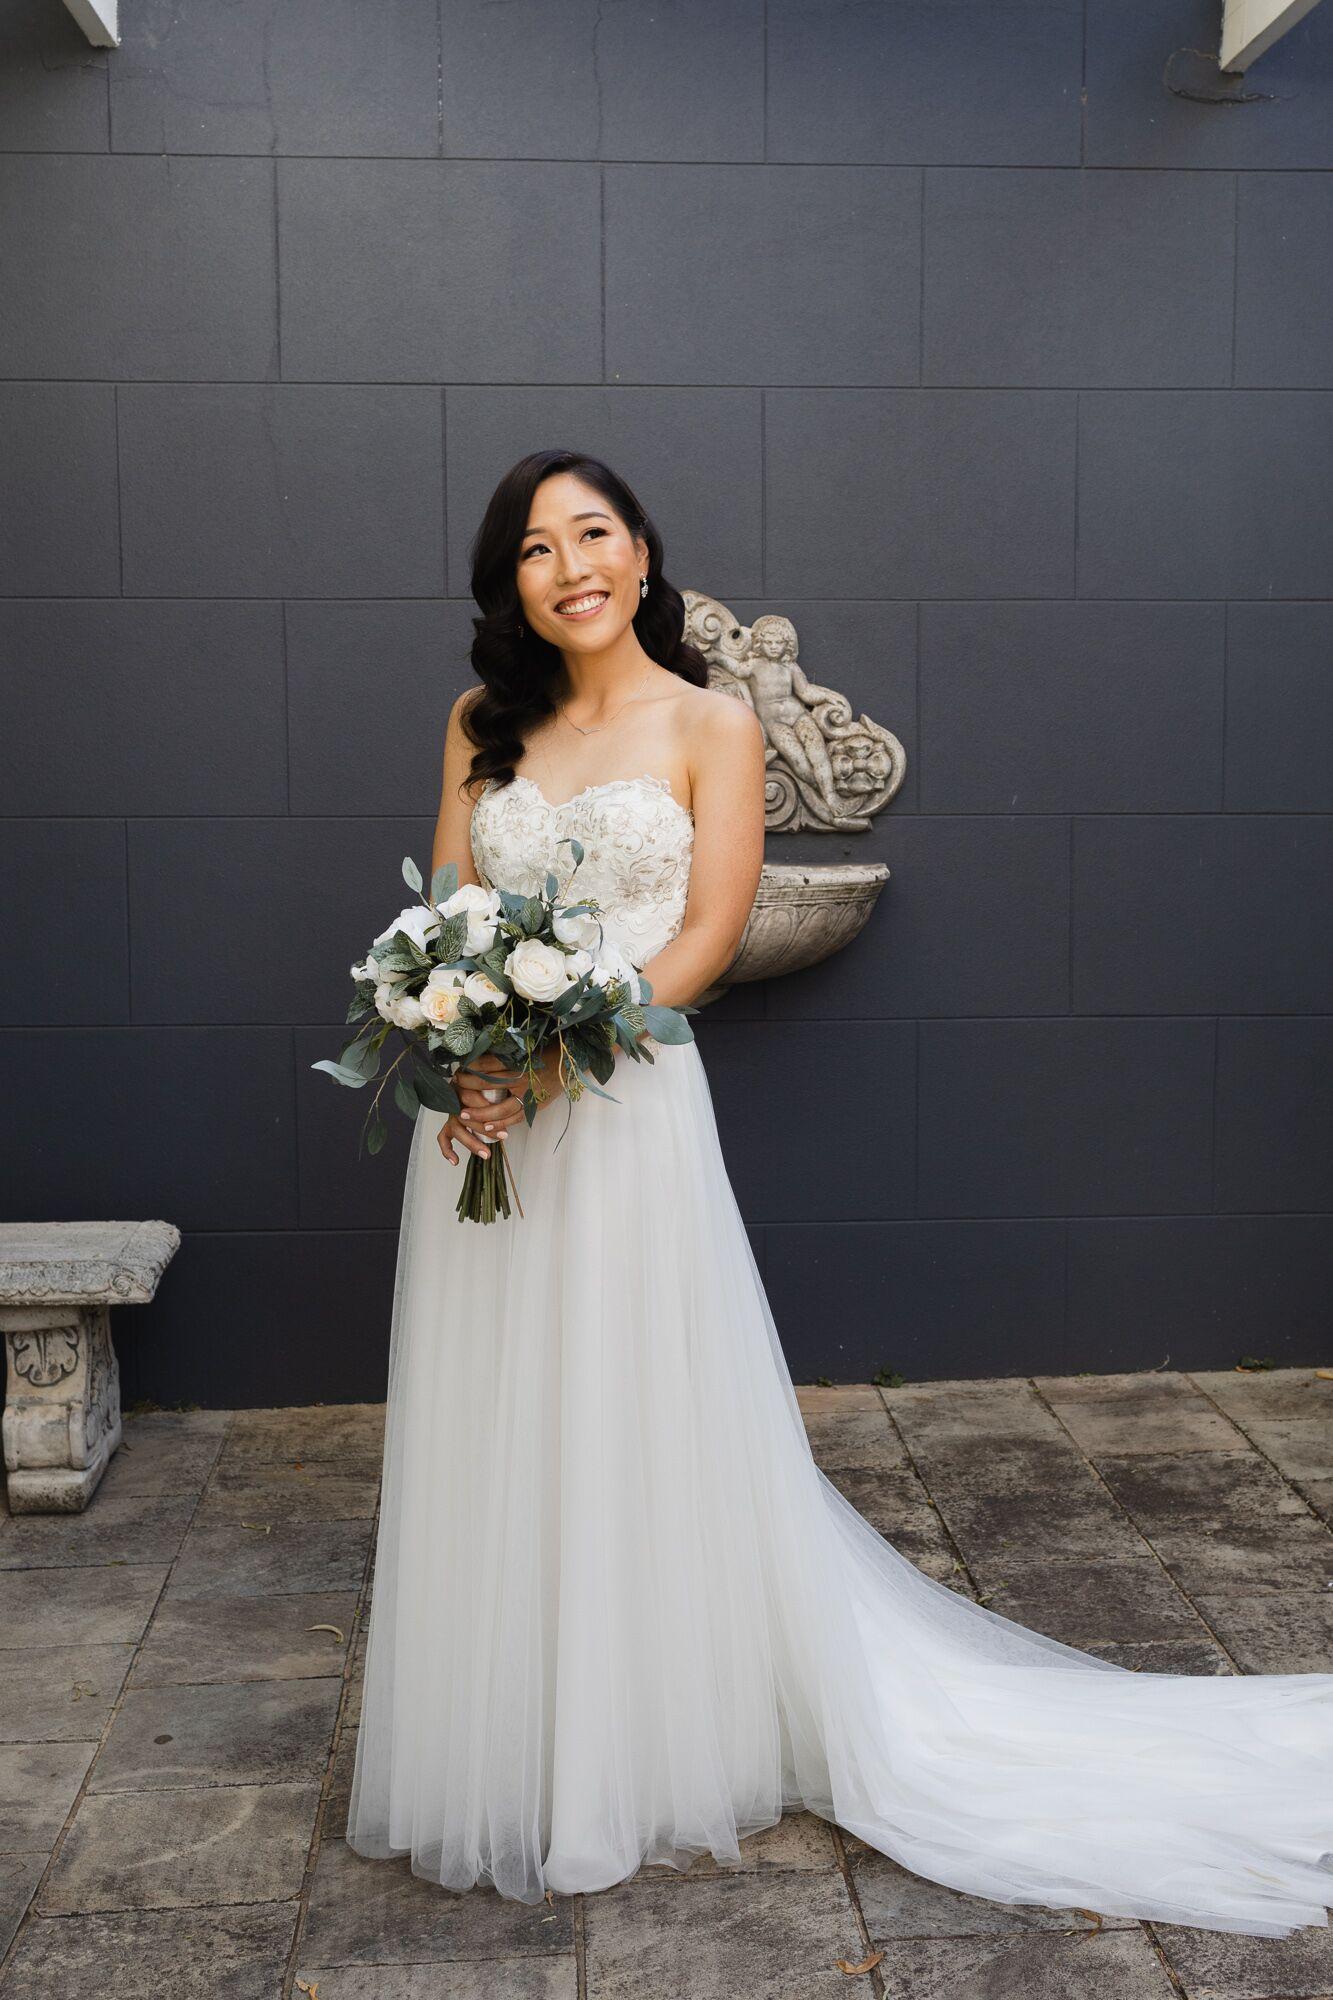 Julia Lee 2 March 2019.jpg